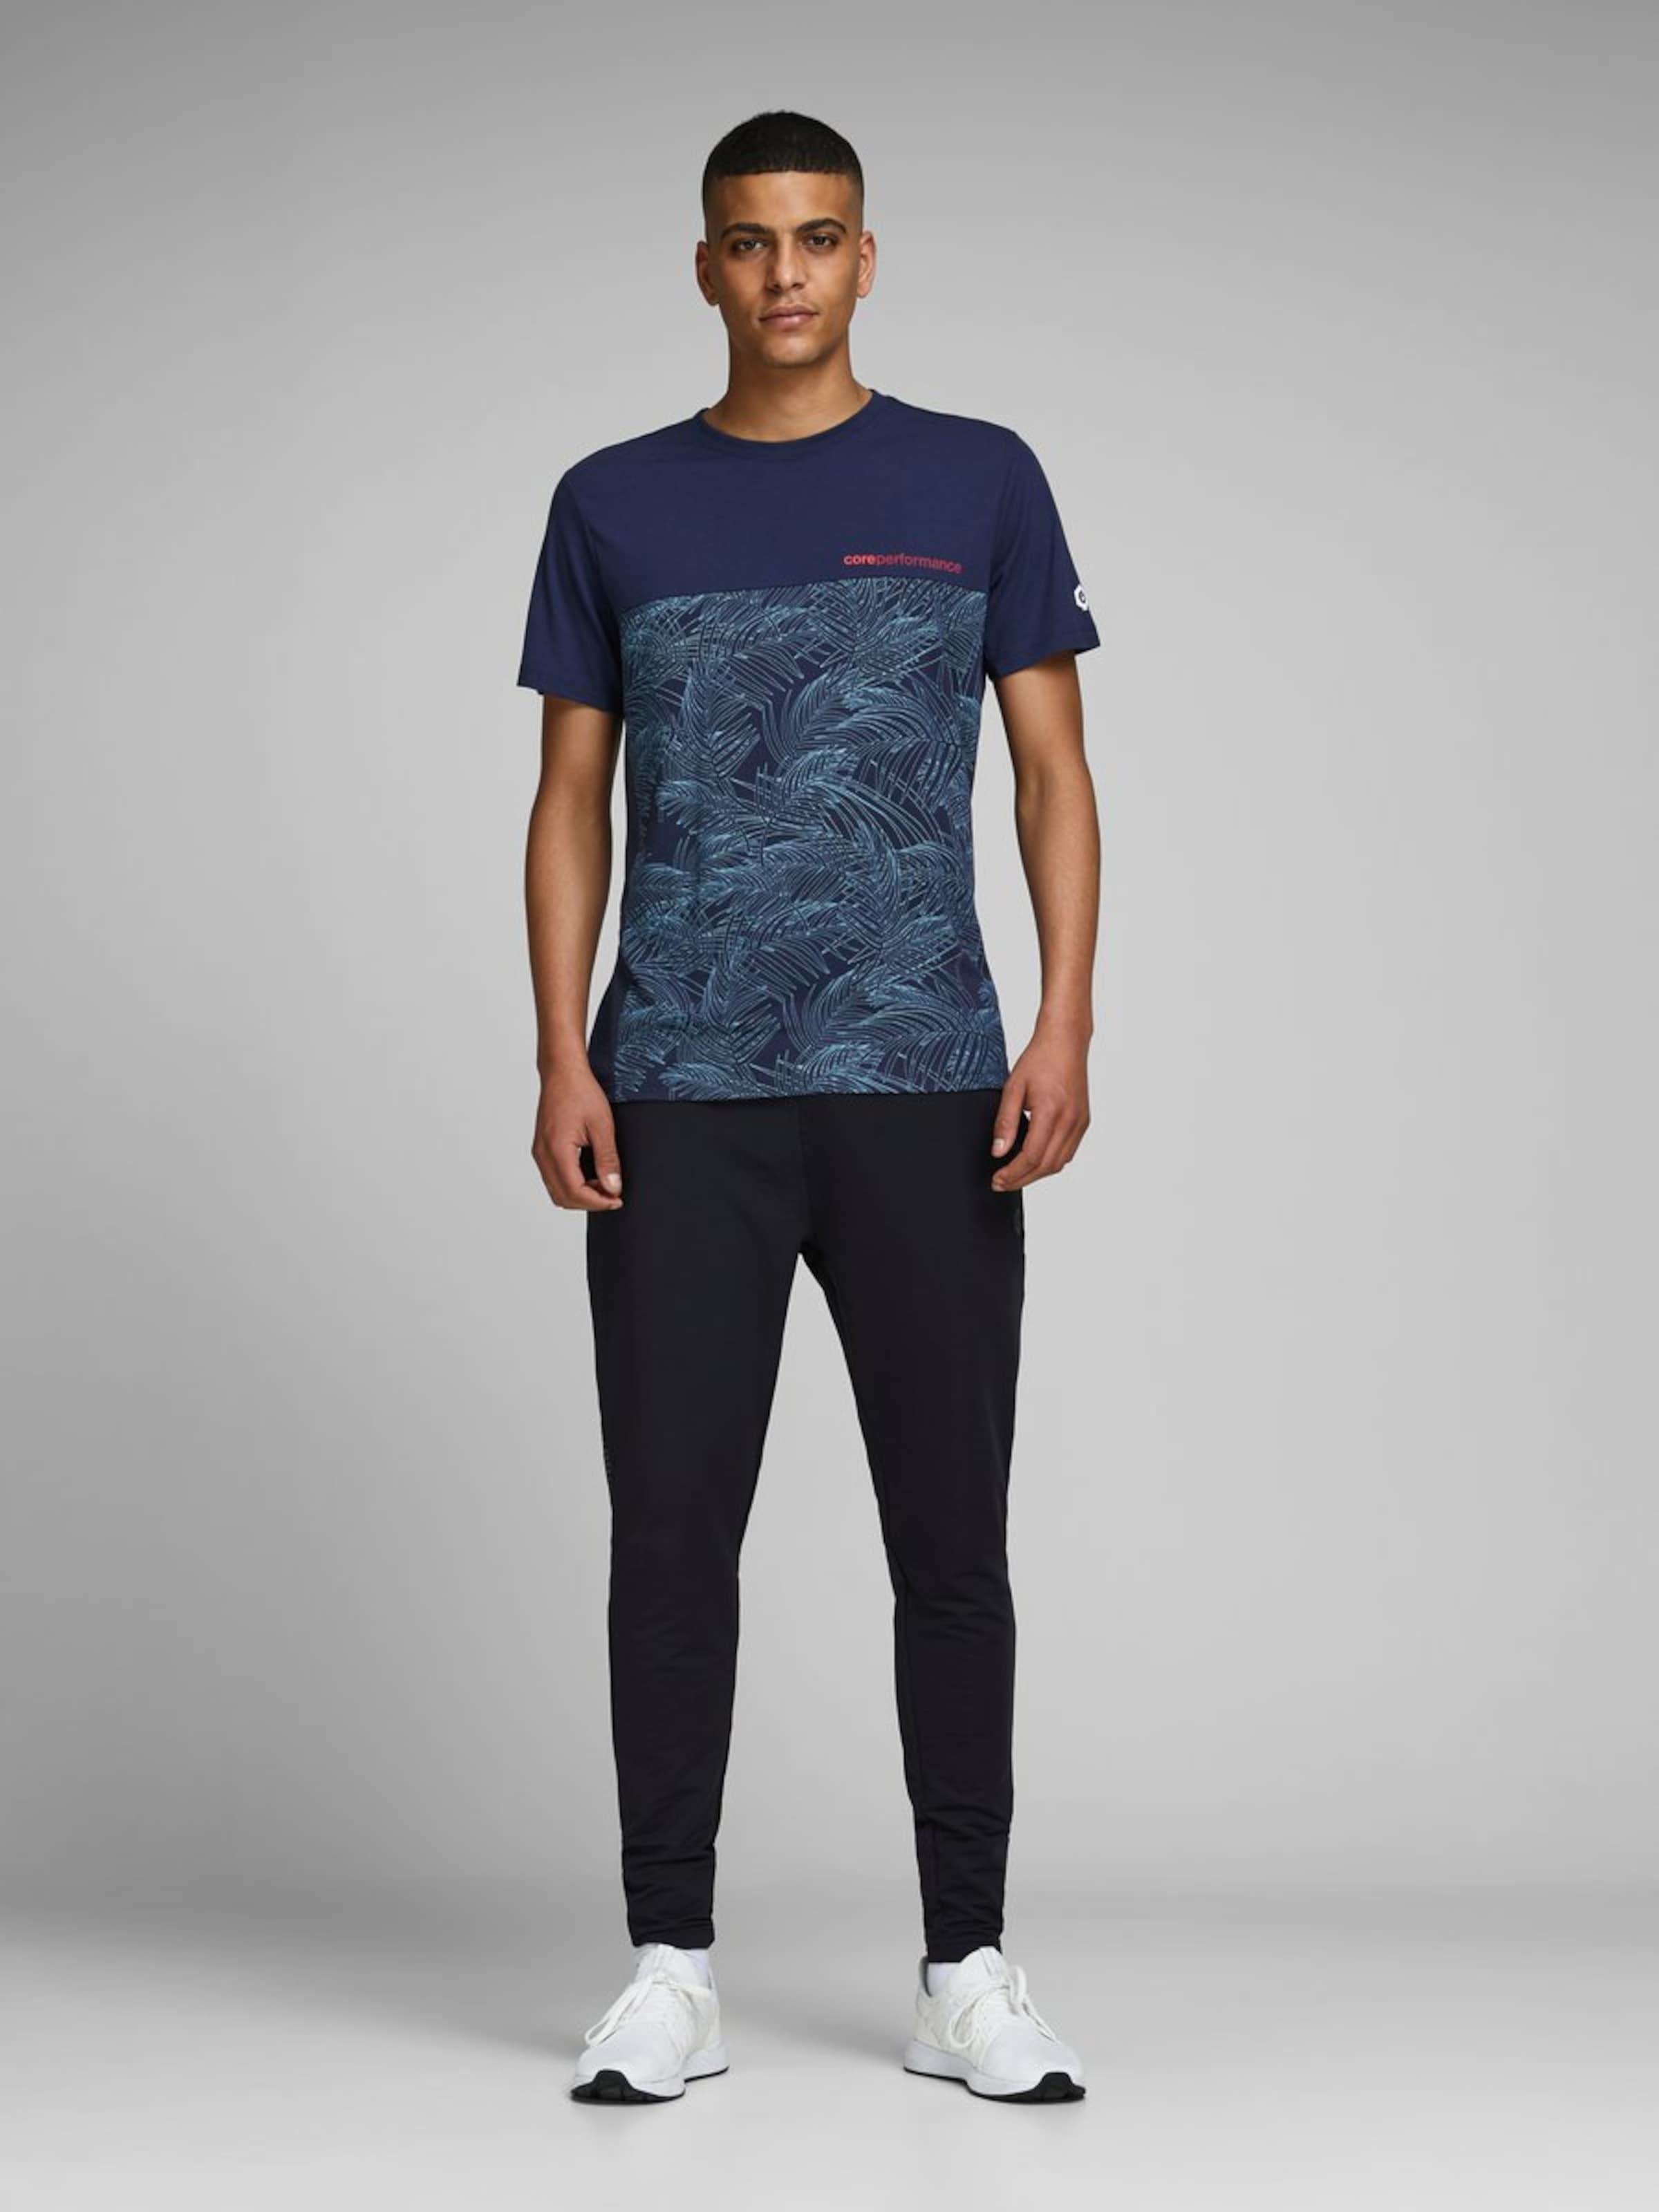 Dunkelblau In shirt T Jackamp; Jones PTXukZOi